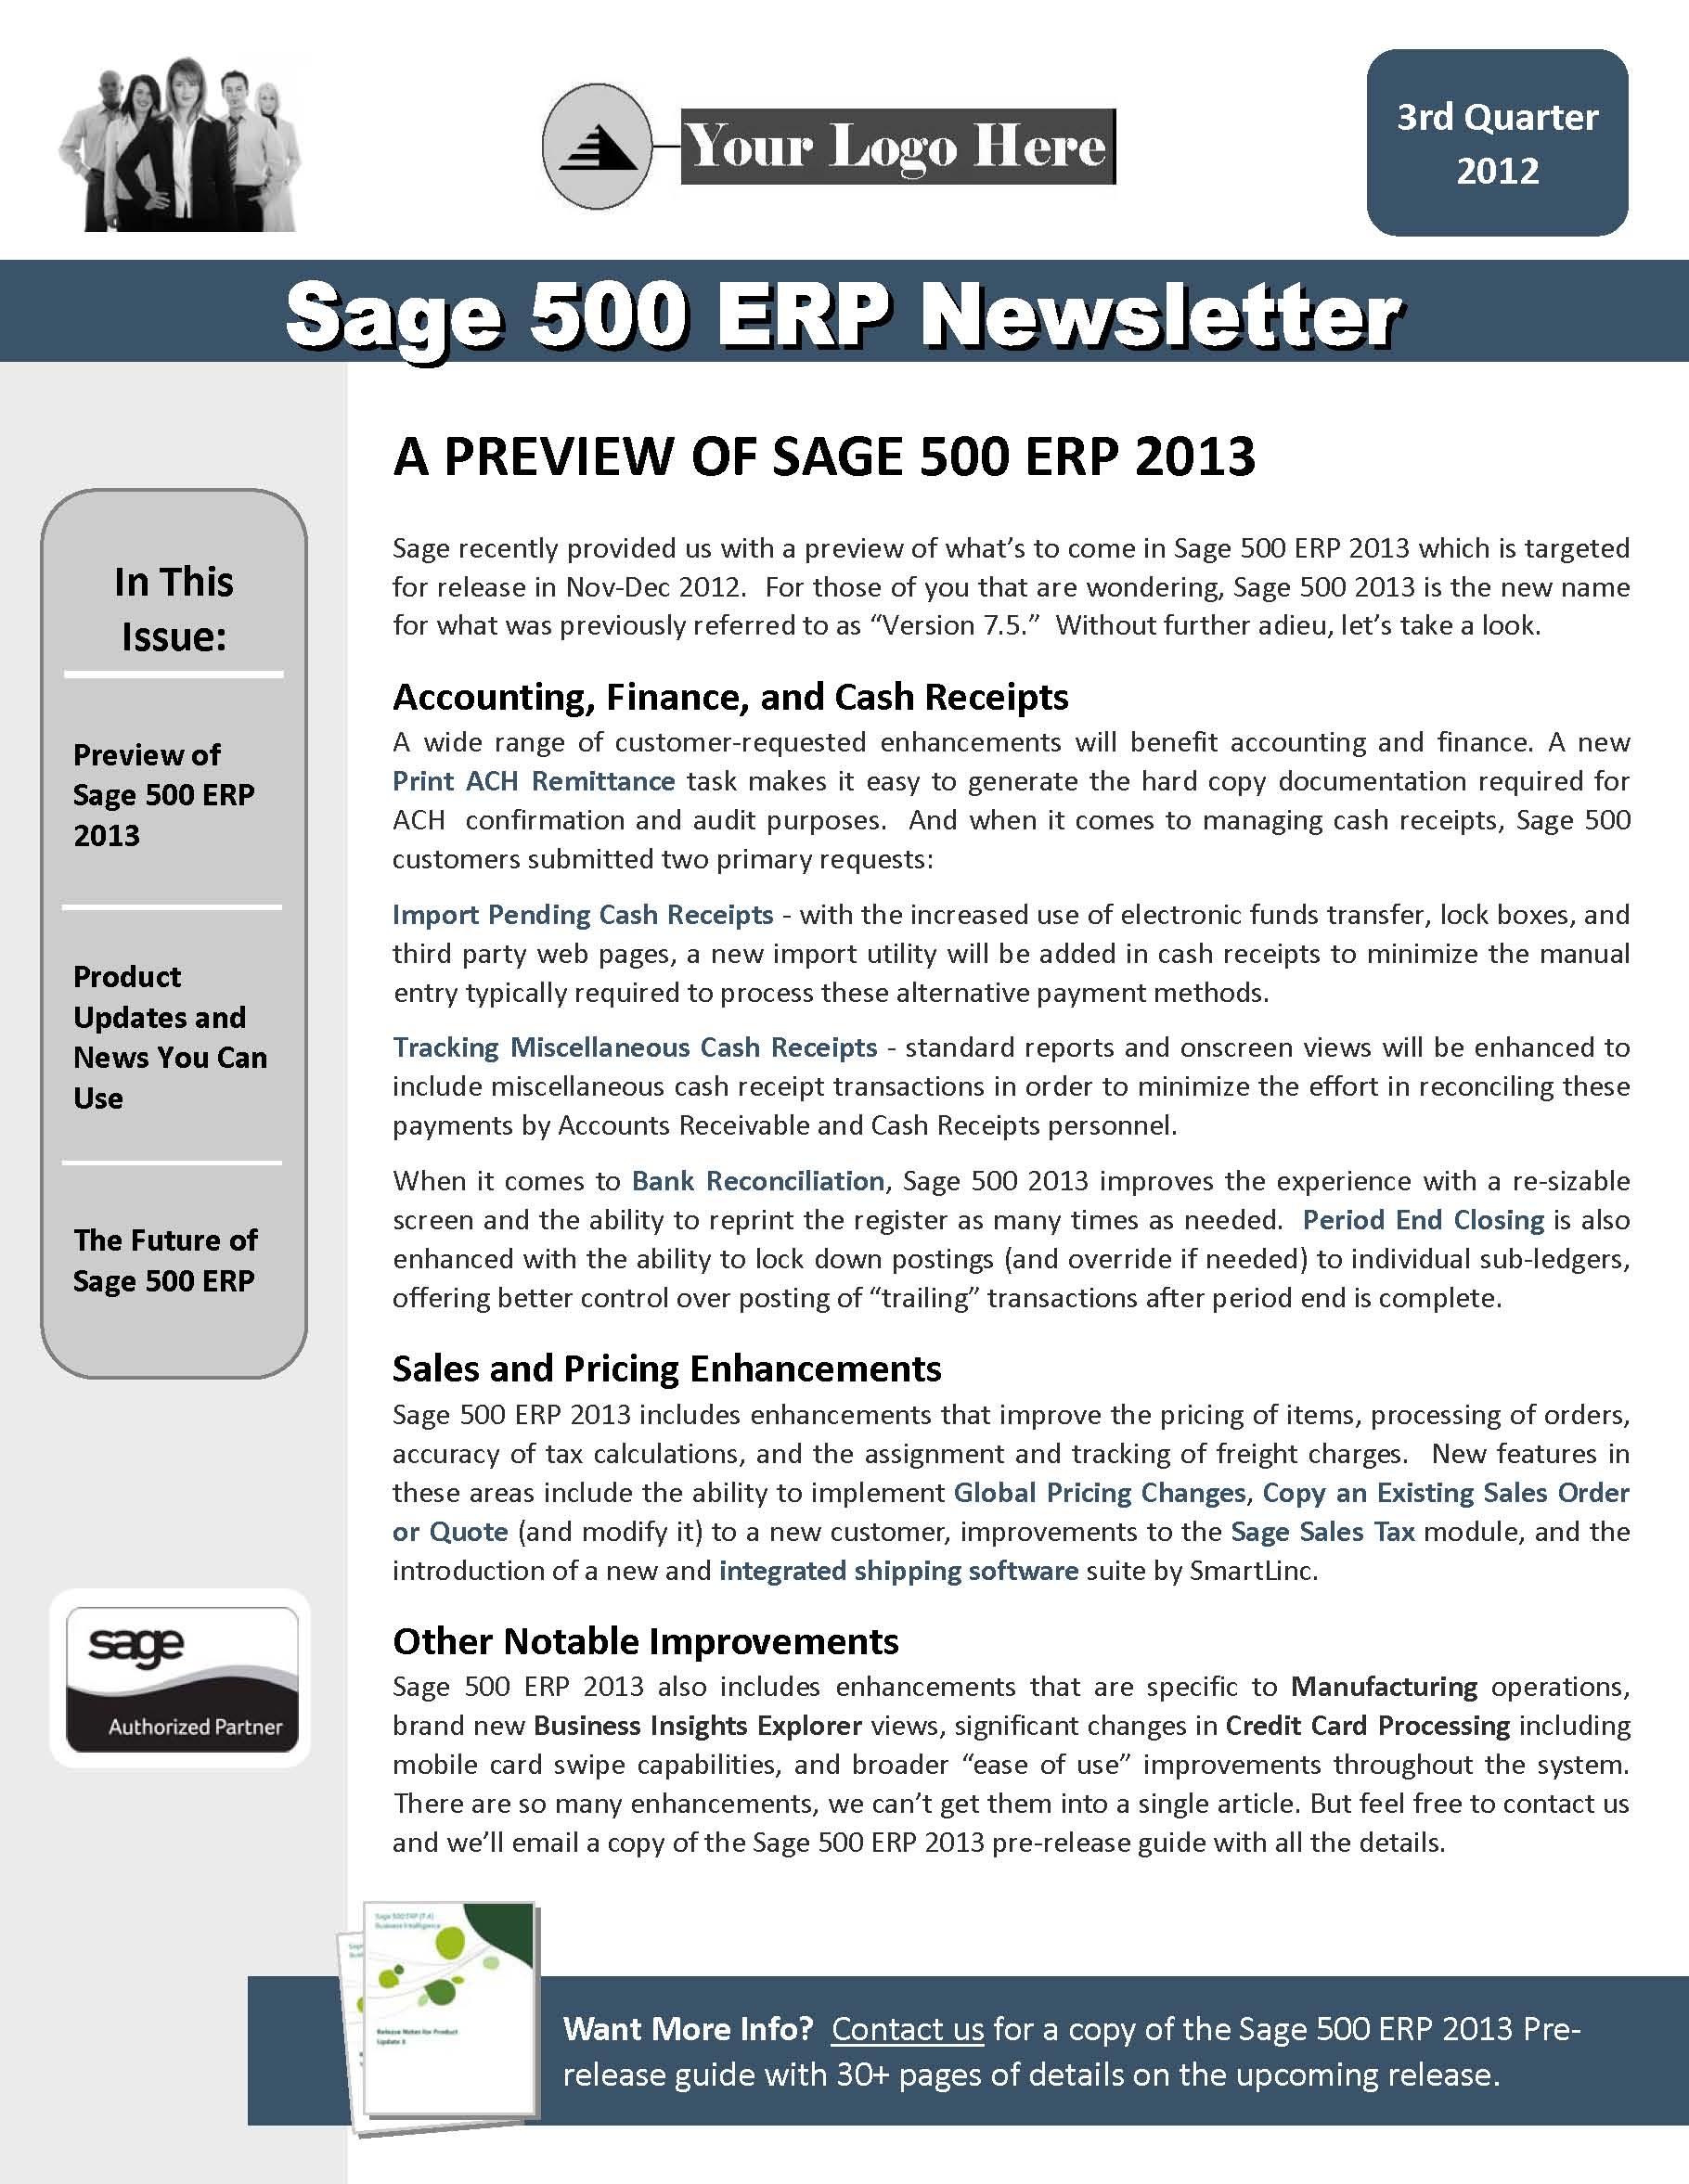 Sage_500_ERP_News_Q312_Page_1